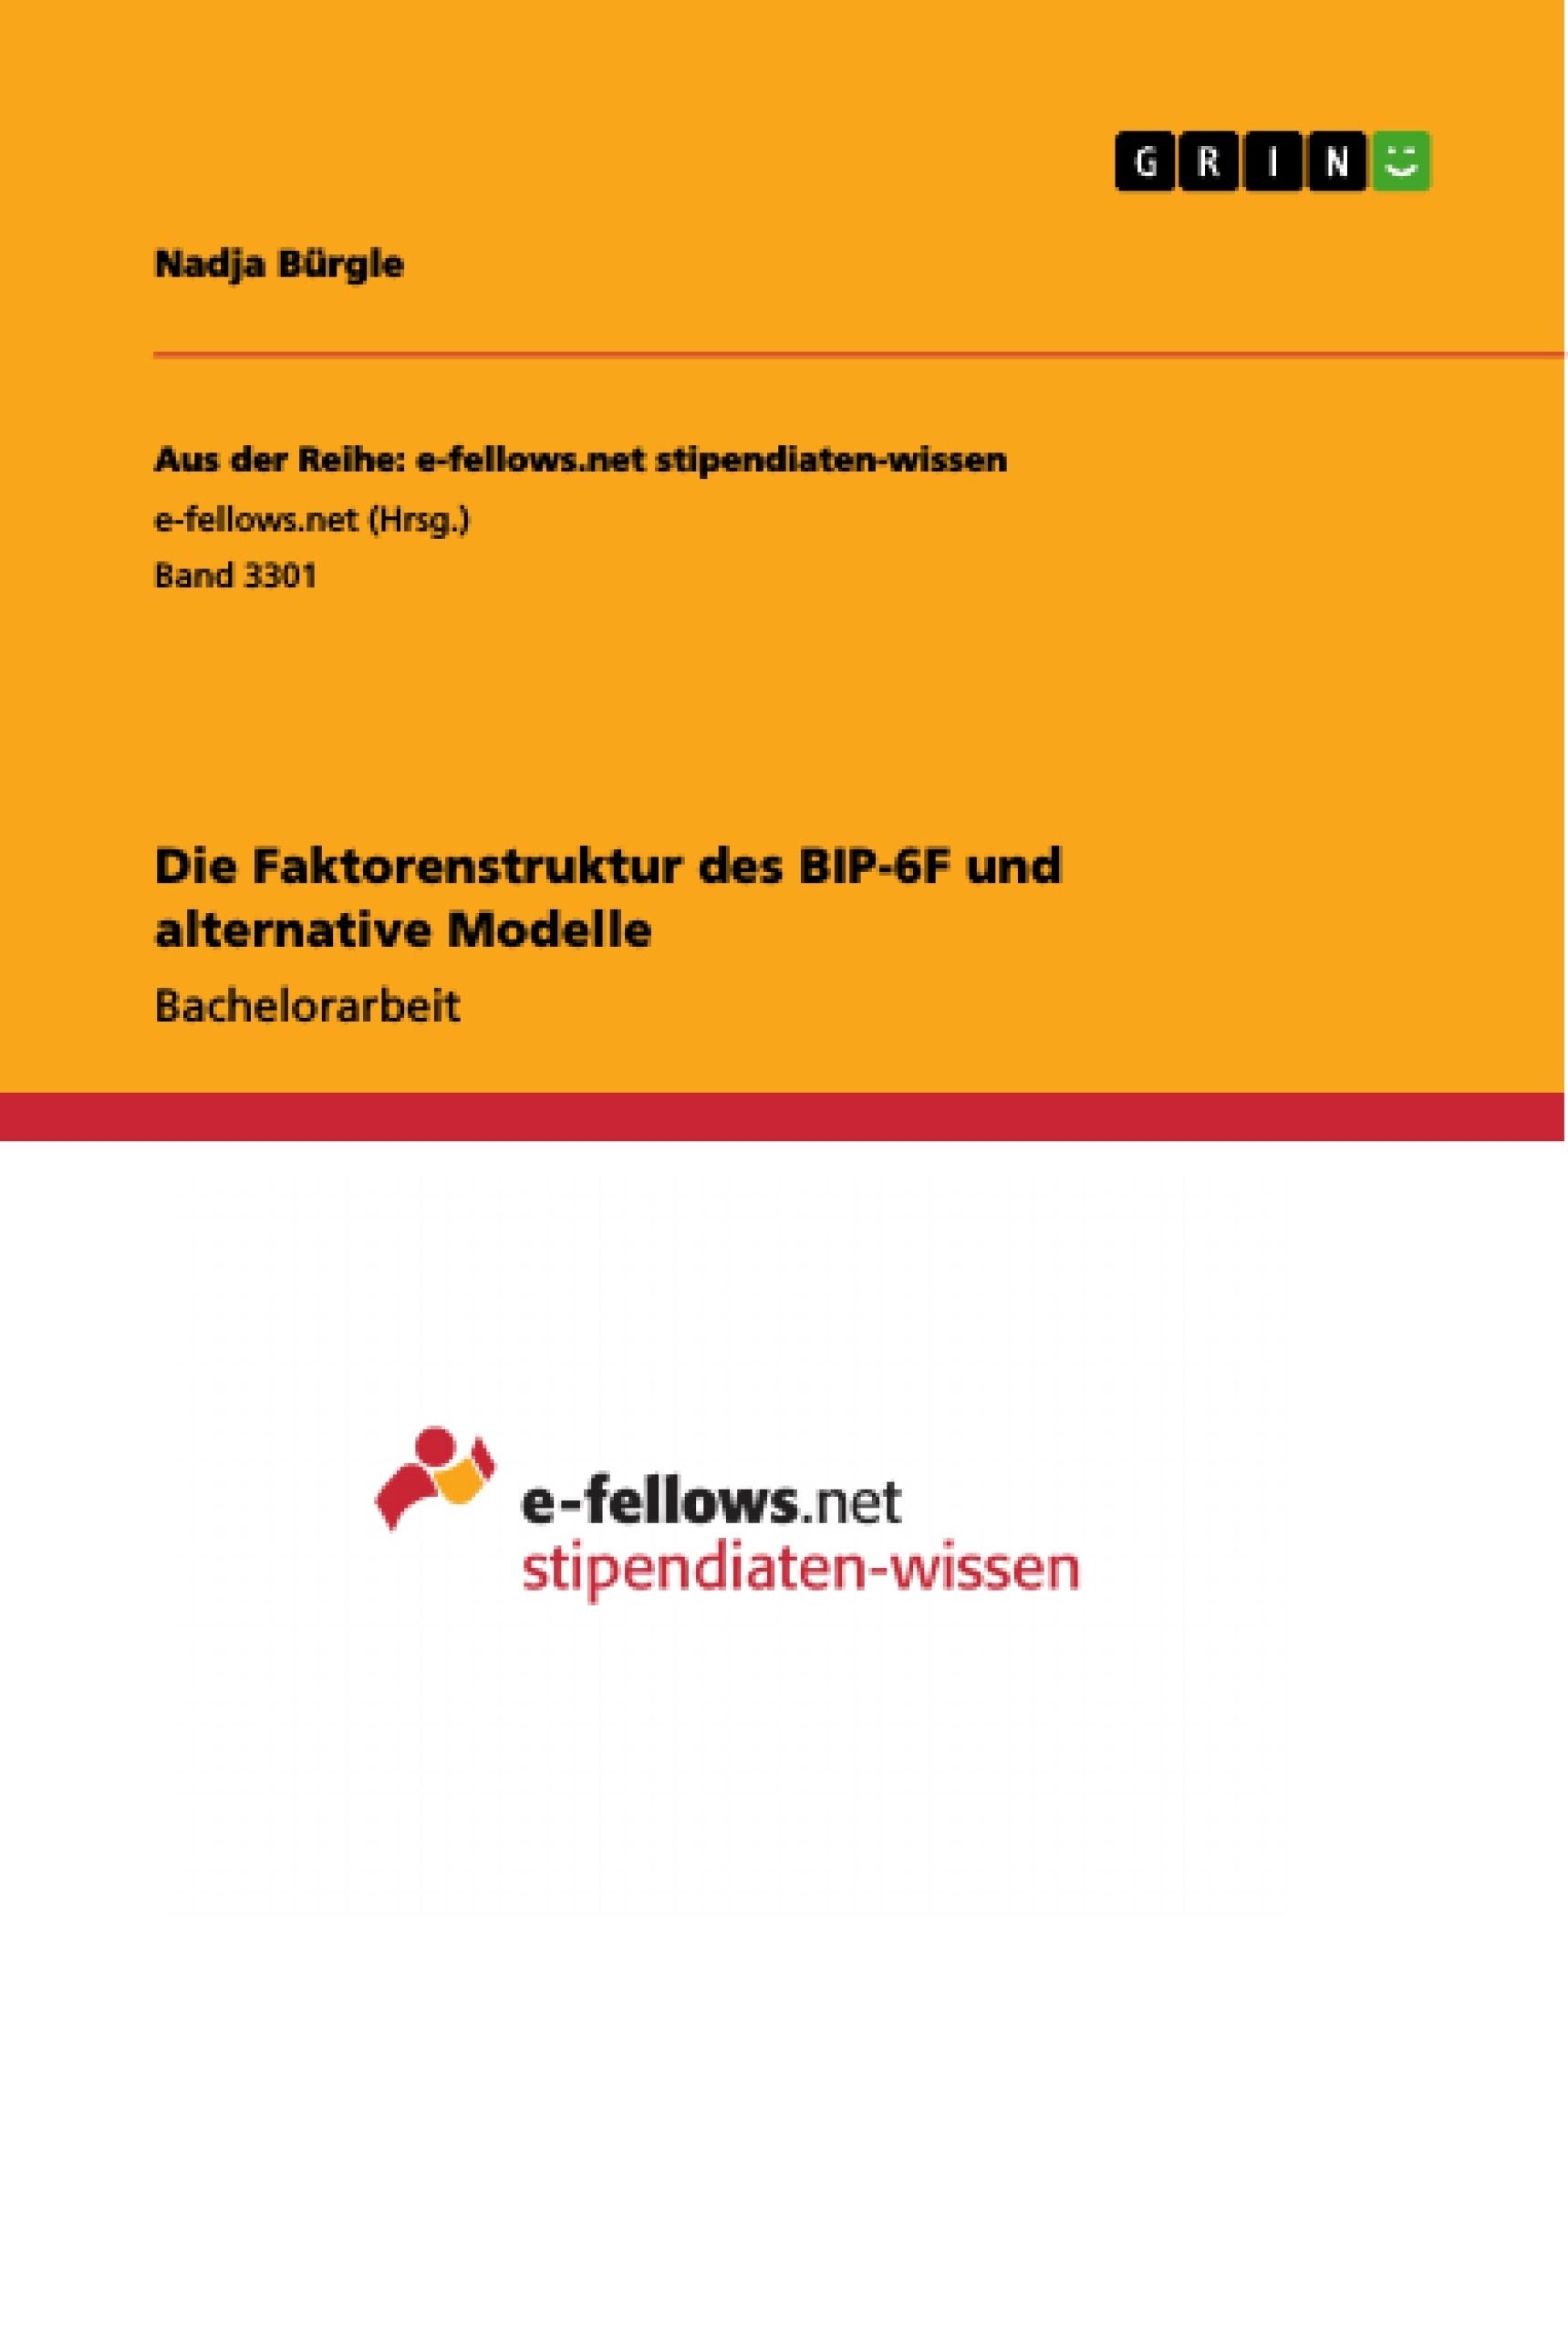 Titel: Die Faktorenstruktur des BIP-6F und alternative Modelle